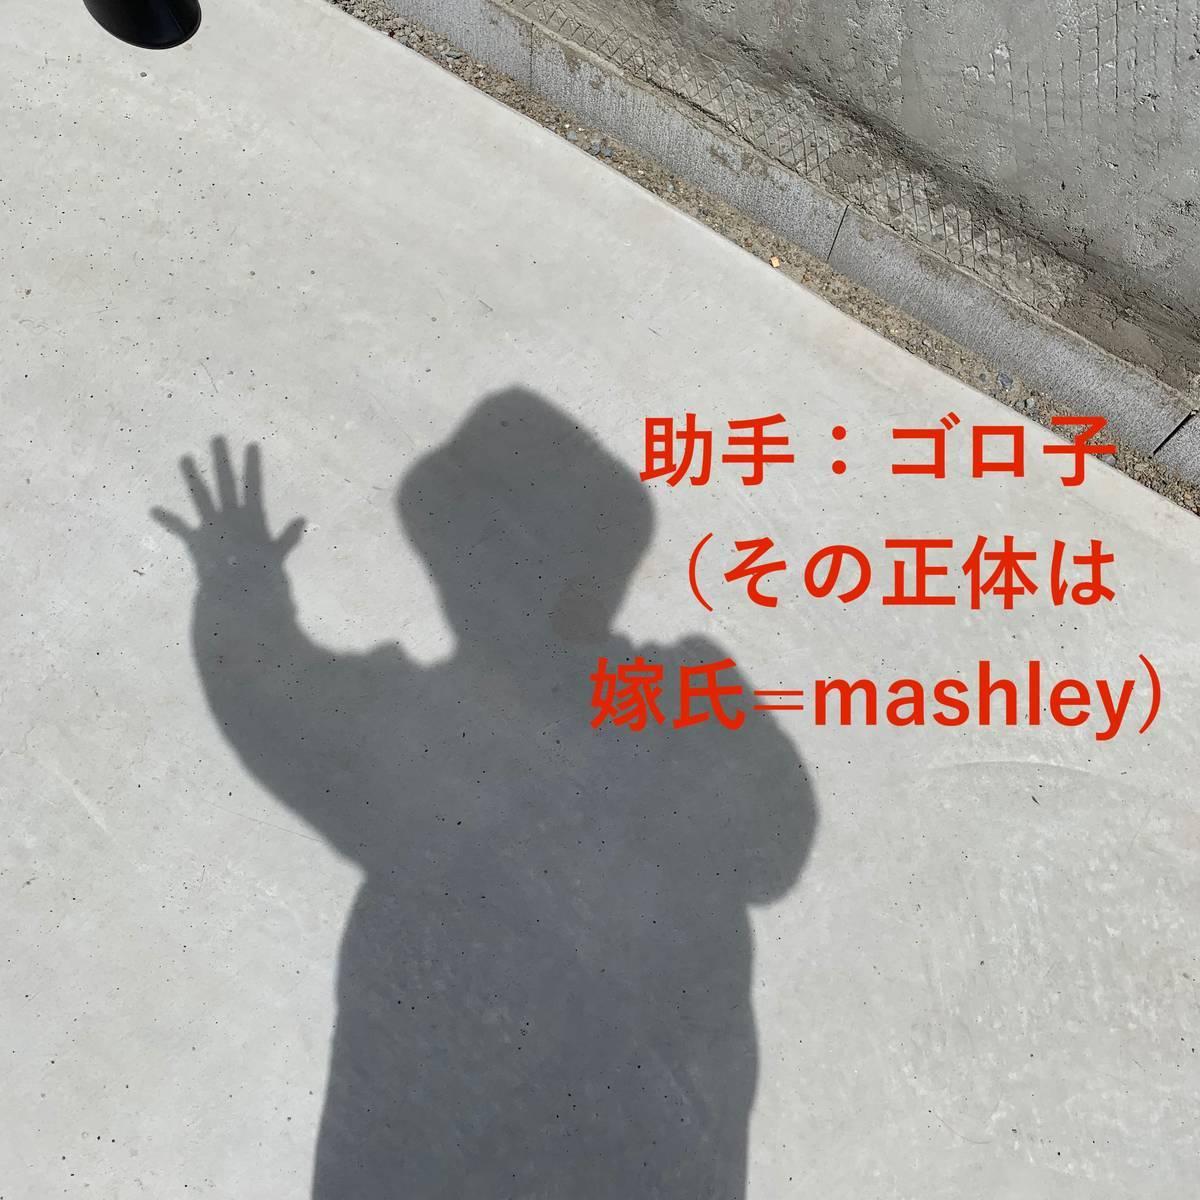 f:id:mashley_slt:20190417232008j:plain